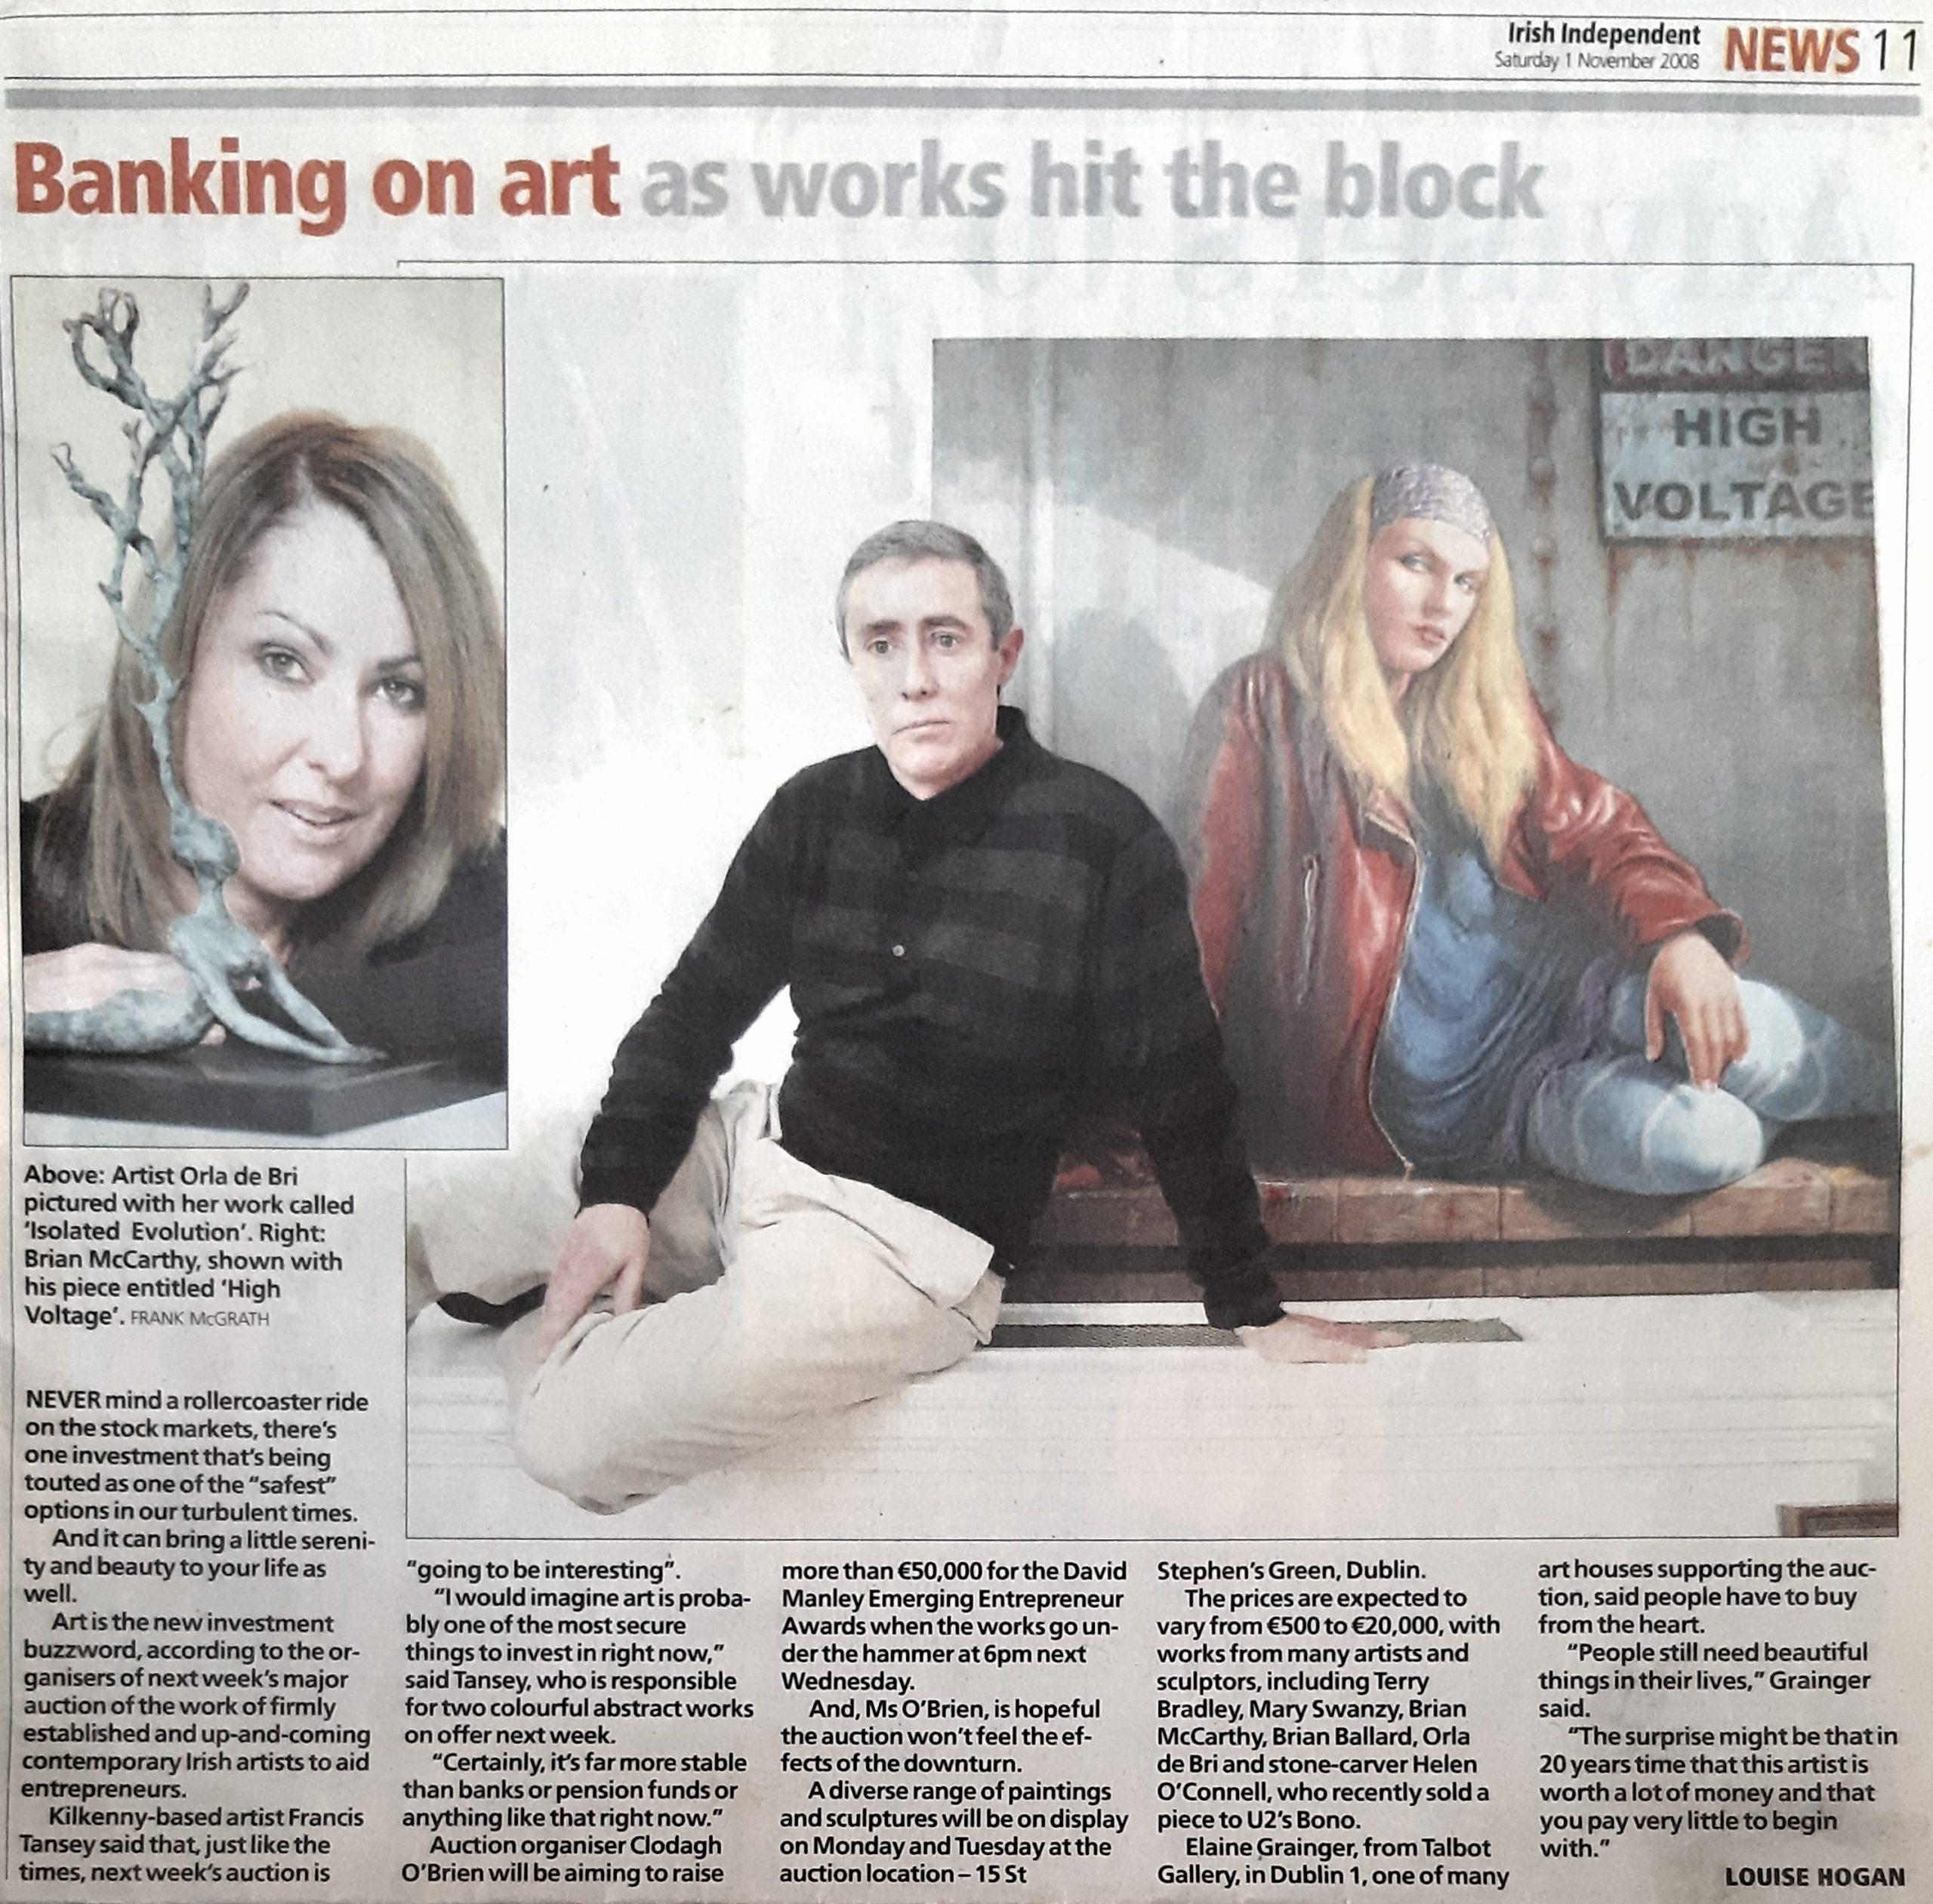 Art as an investment?